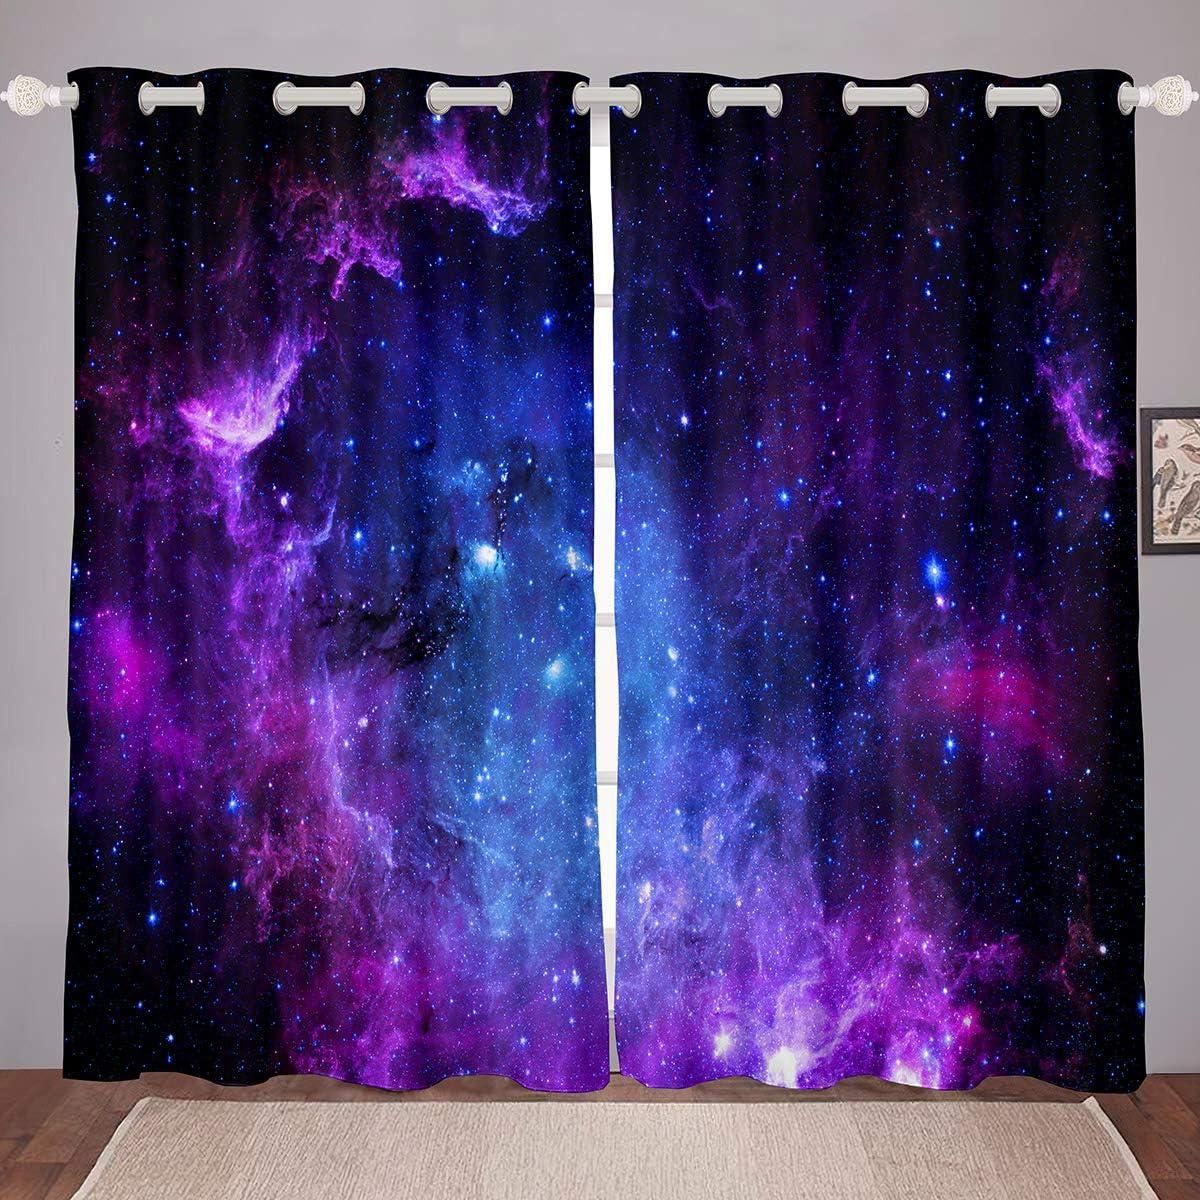 高品質 Galaxy お洒落 WindowCurtain for Kid Girls Boys Decor Sky Starry Room